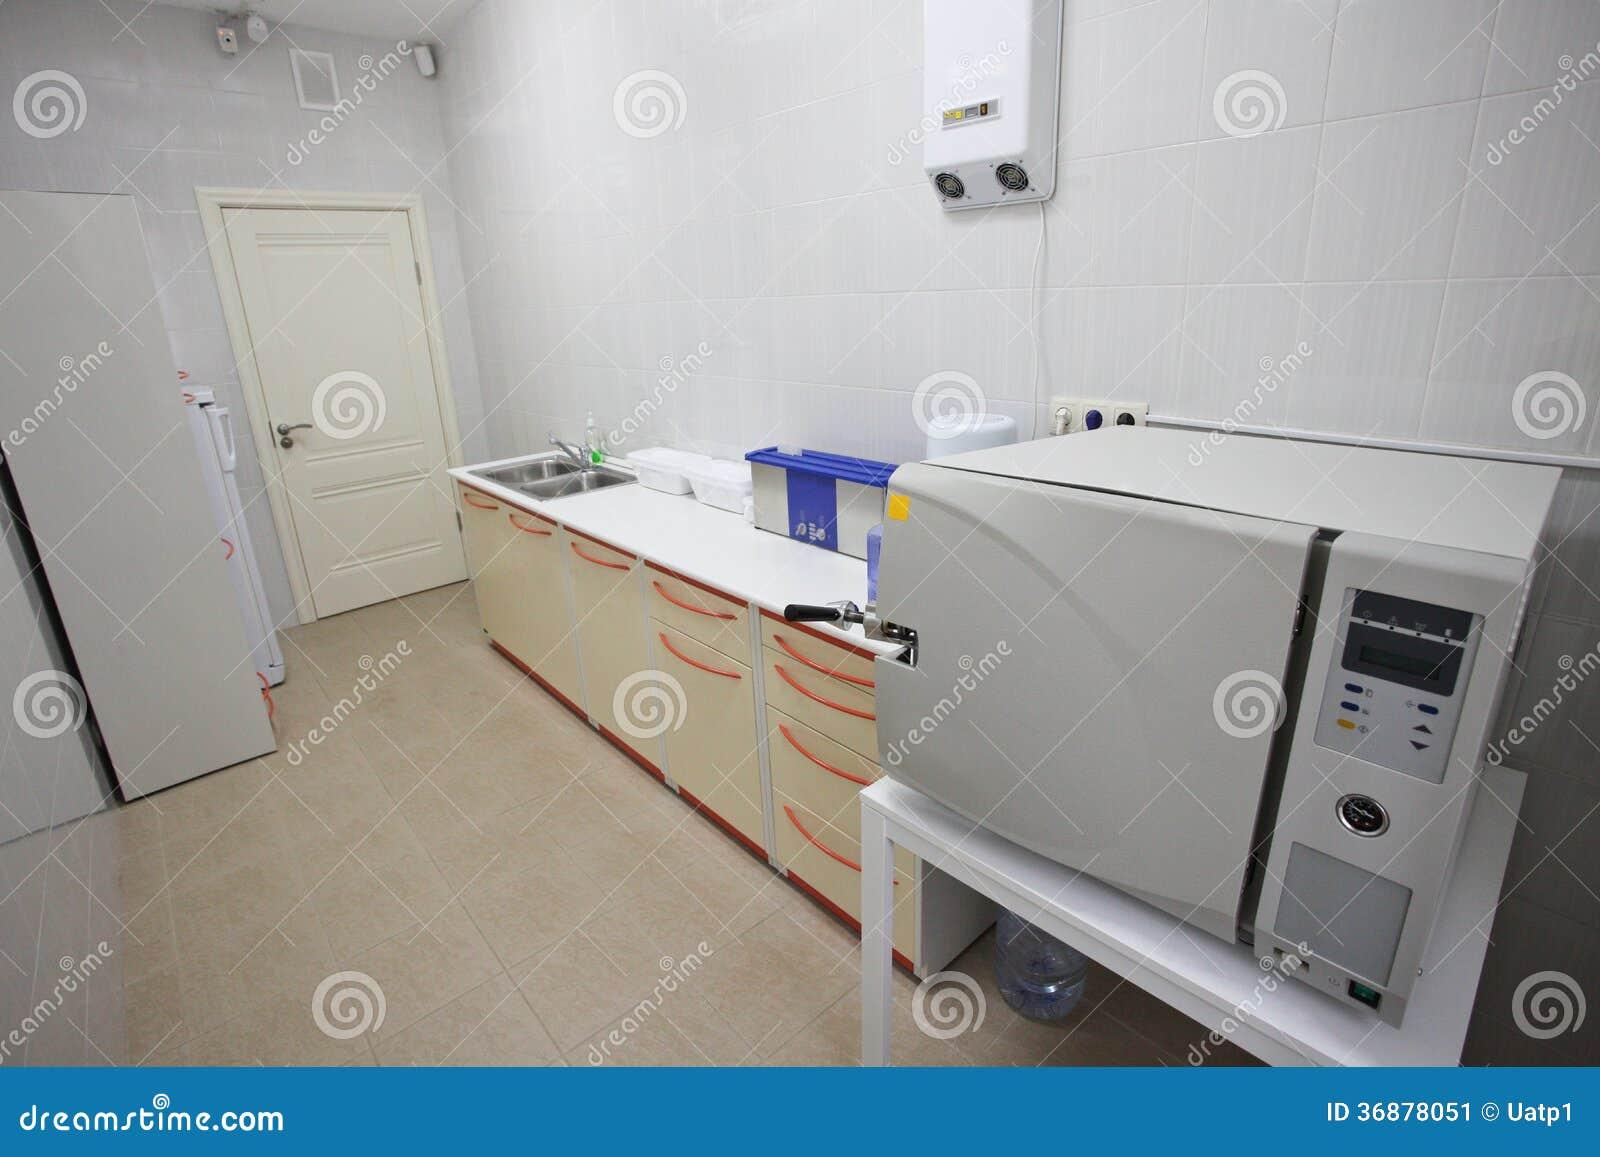 Download Apparato Per La Sterilizzazione Degli Strumenti Medici Immagine Stock - Immagine di gynecology, apparecchiatura: 36878051